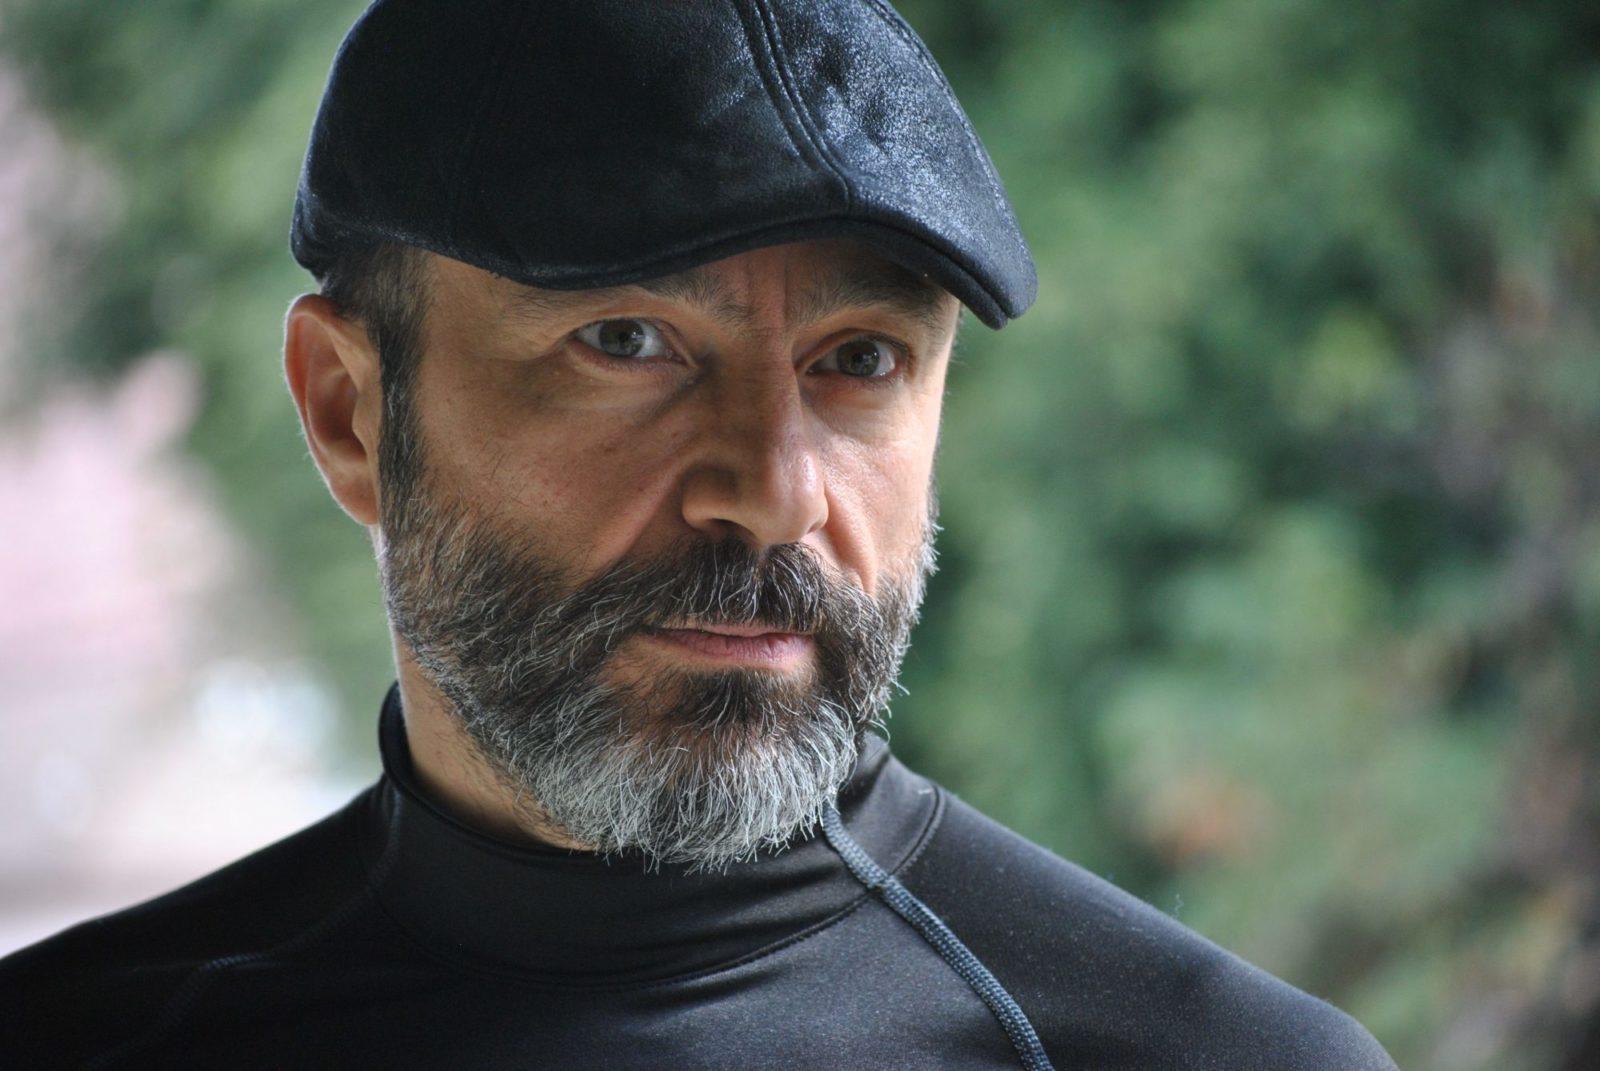 Jay Abdo, célèbre acteur syrien devenu réfugié, part à la conquête d'Hollywood